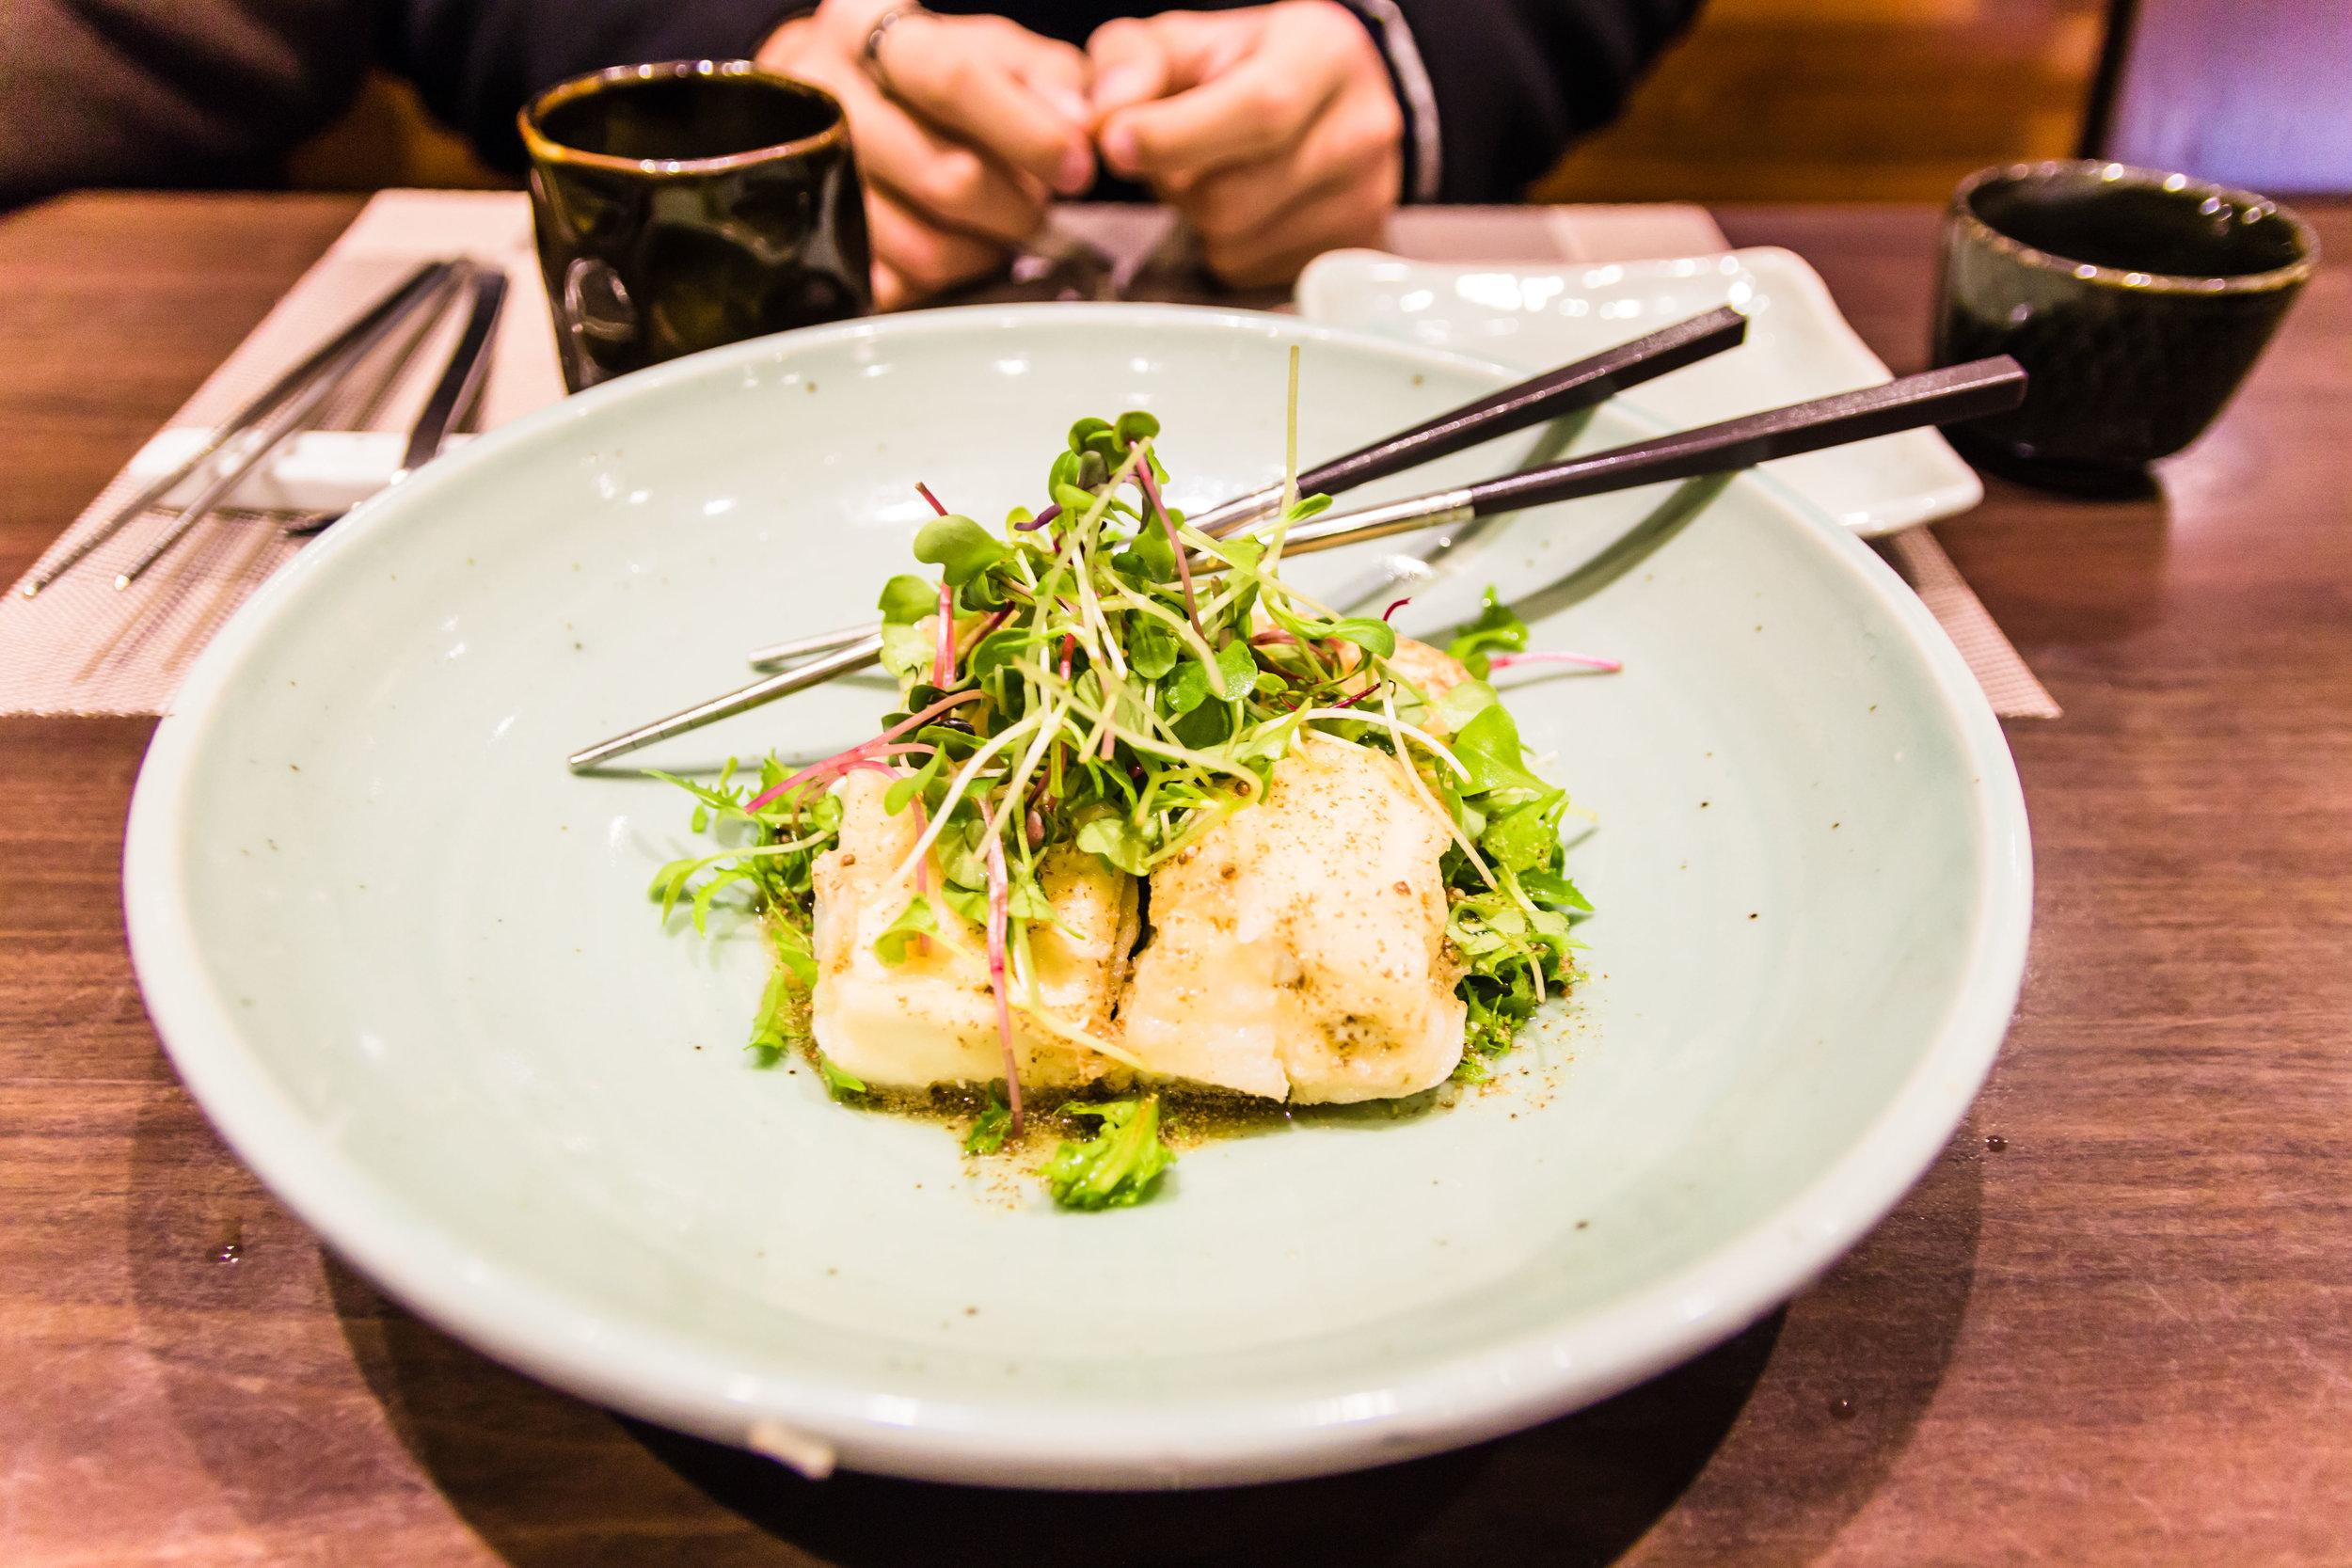 Tofu and greens